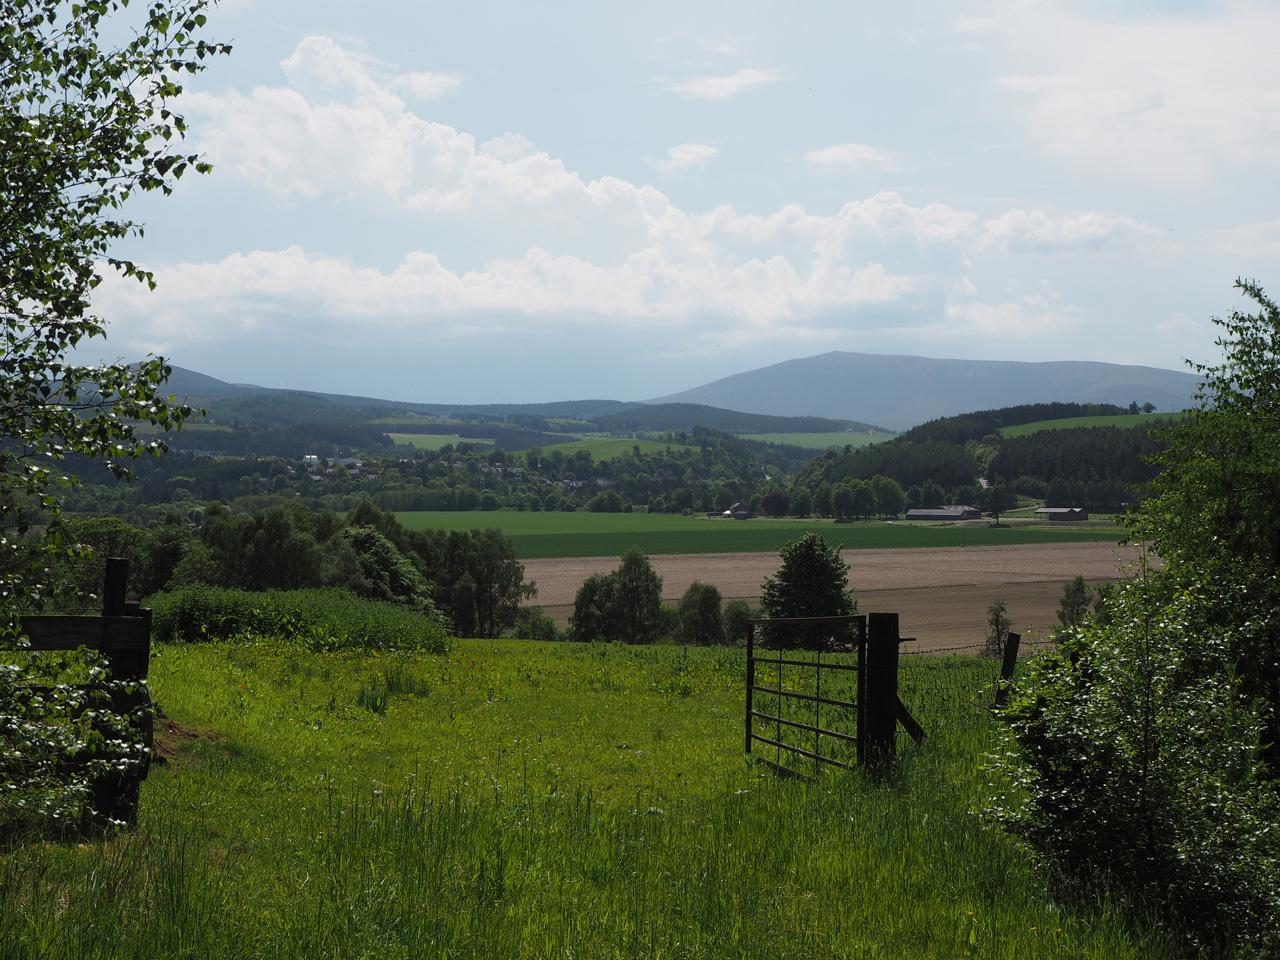 zicht op de eerste berg van de Cairngorms Moutains